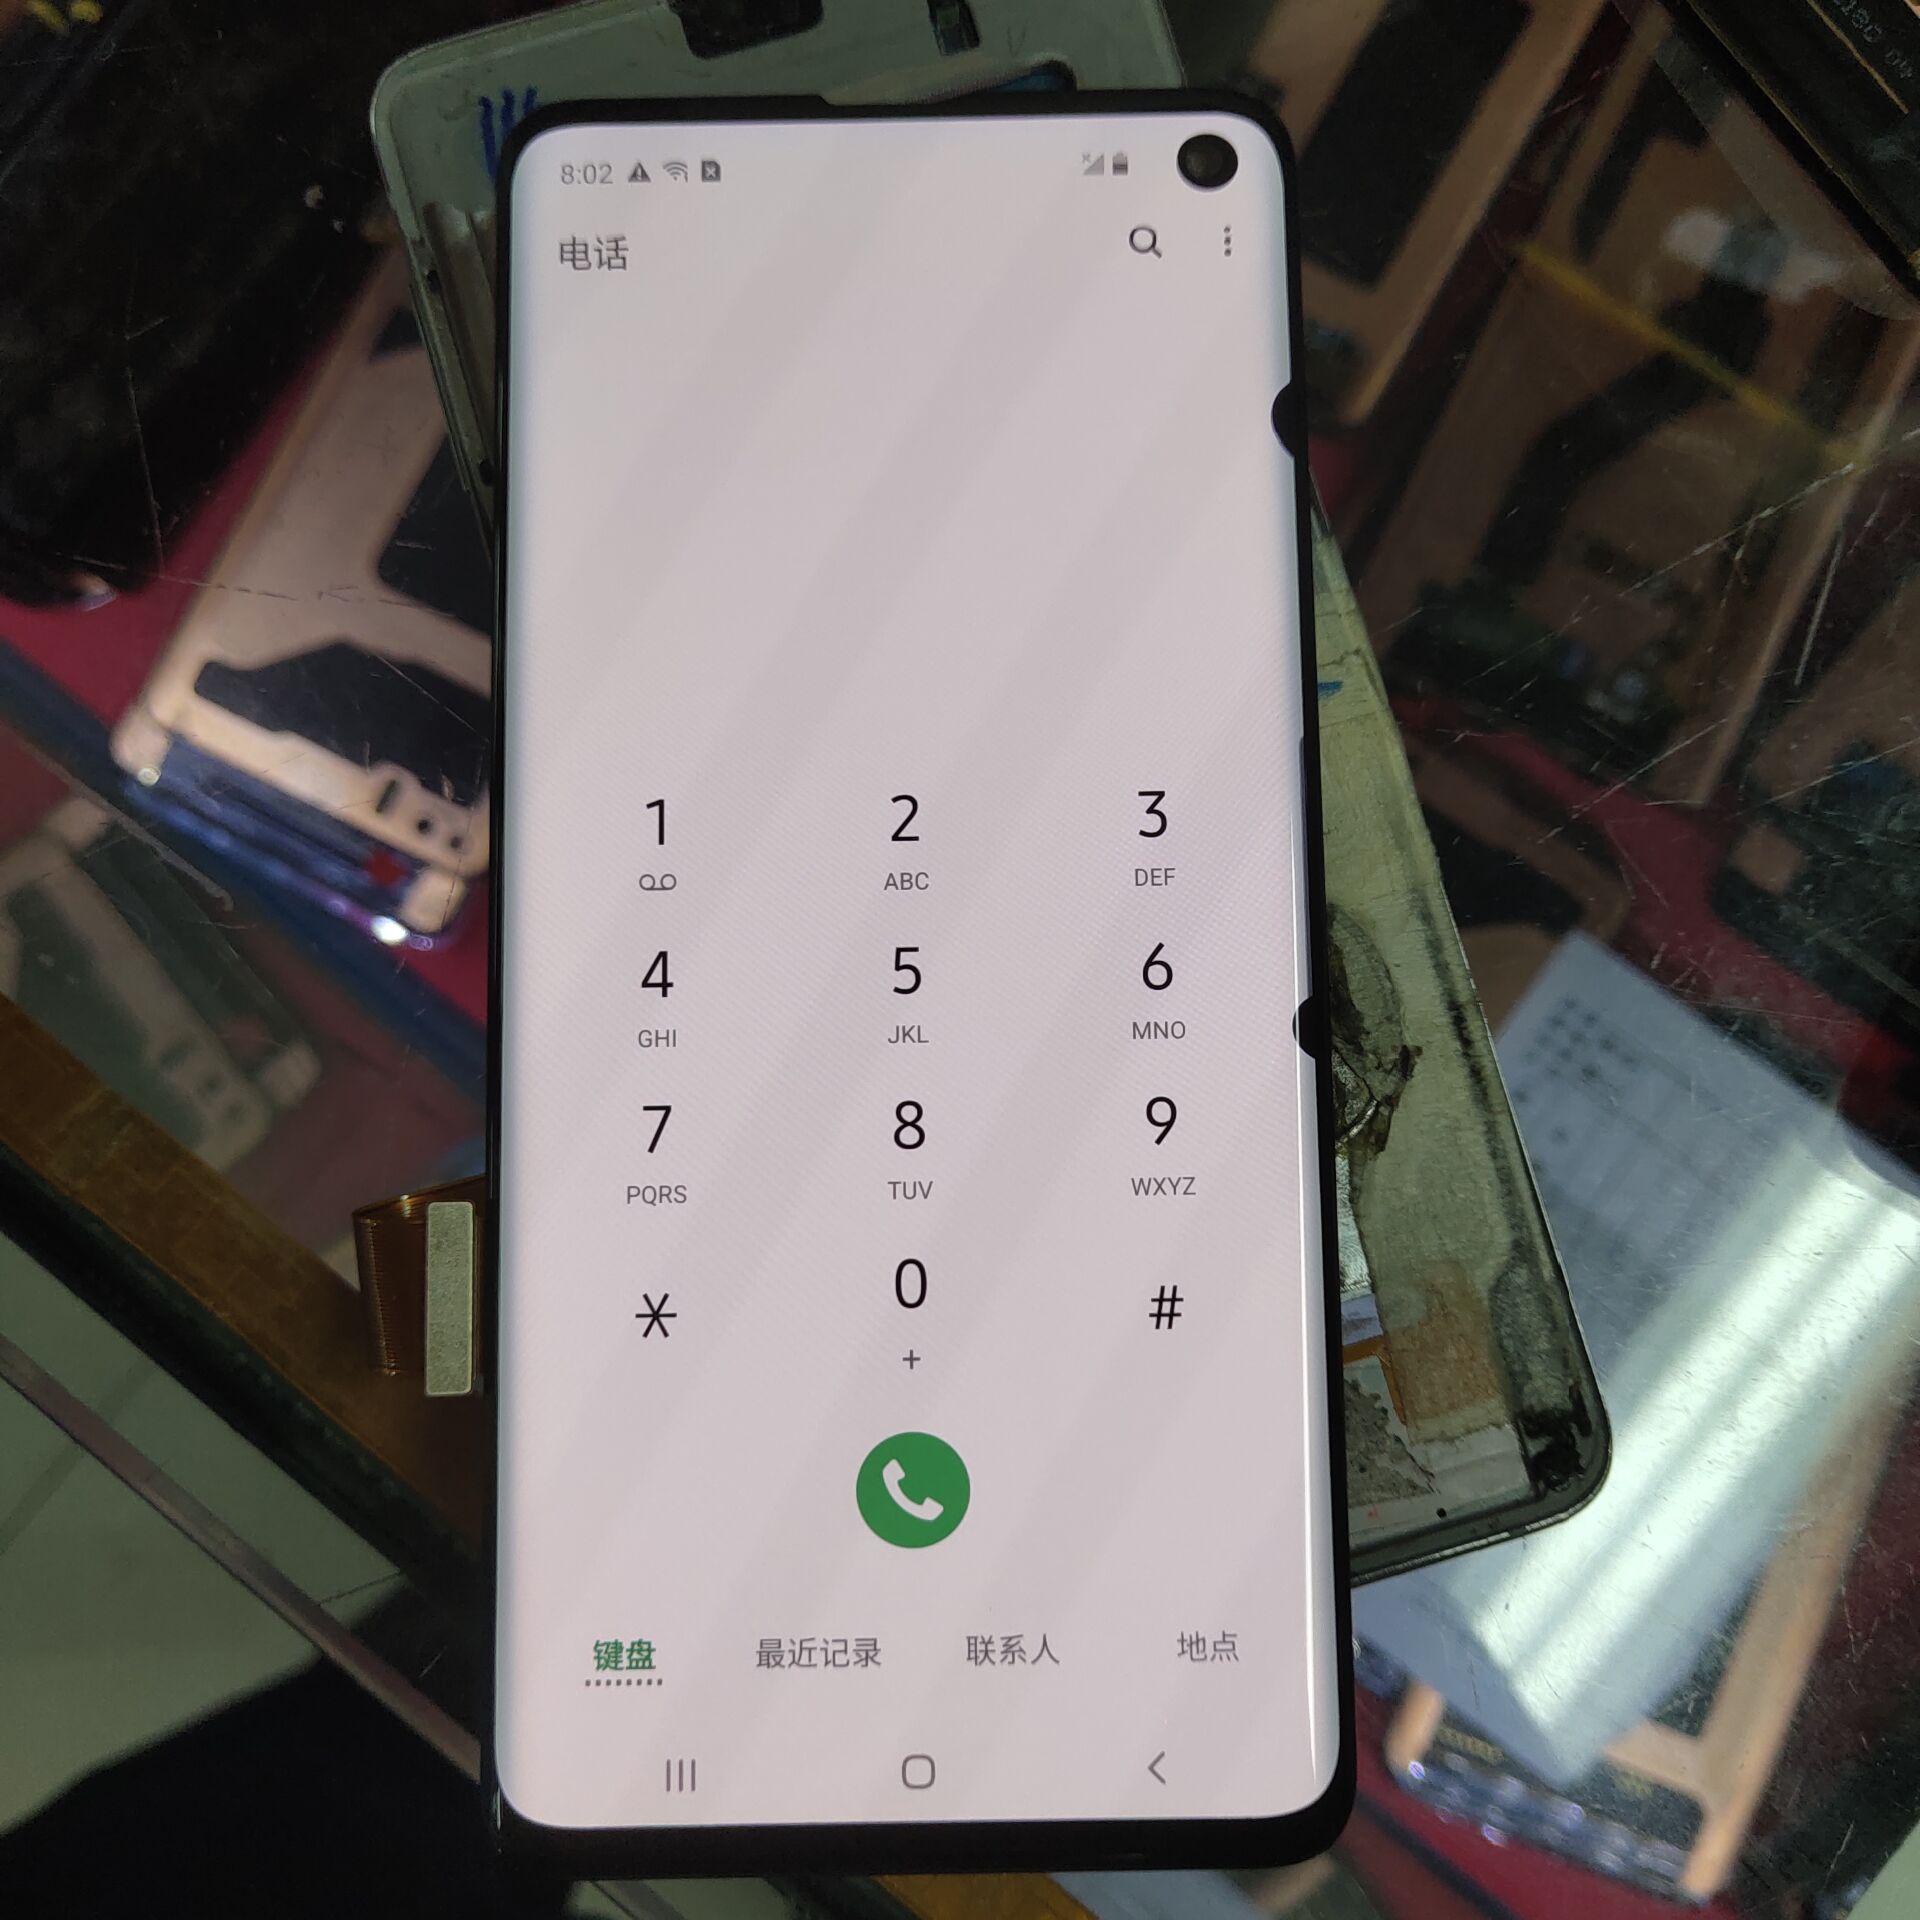 اثنين الميت بكسل الأصلي سوبر AMOLED LCD لسامسونج S10 SM-G9730 G973F LCD عرض تعمل باللمس محول الأرقام الميت بكسل